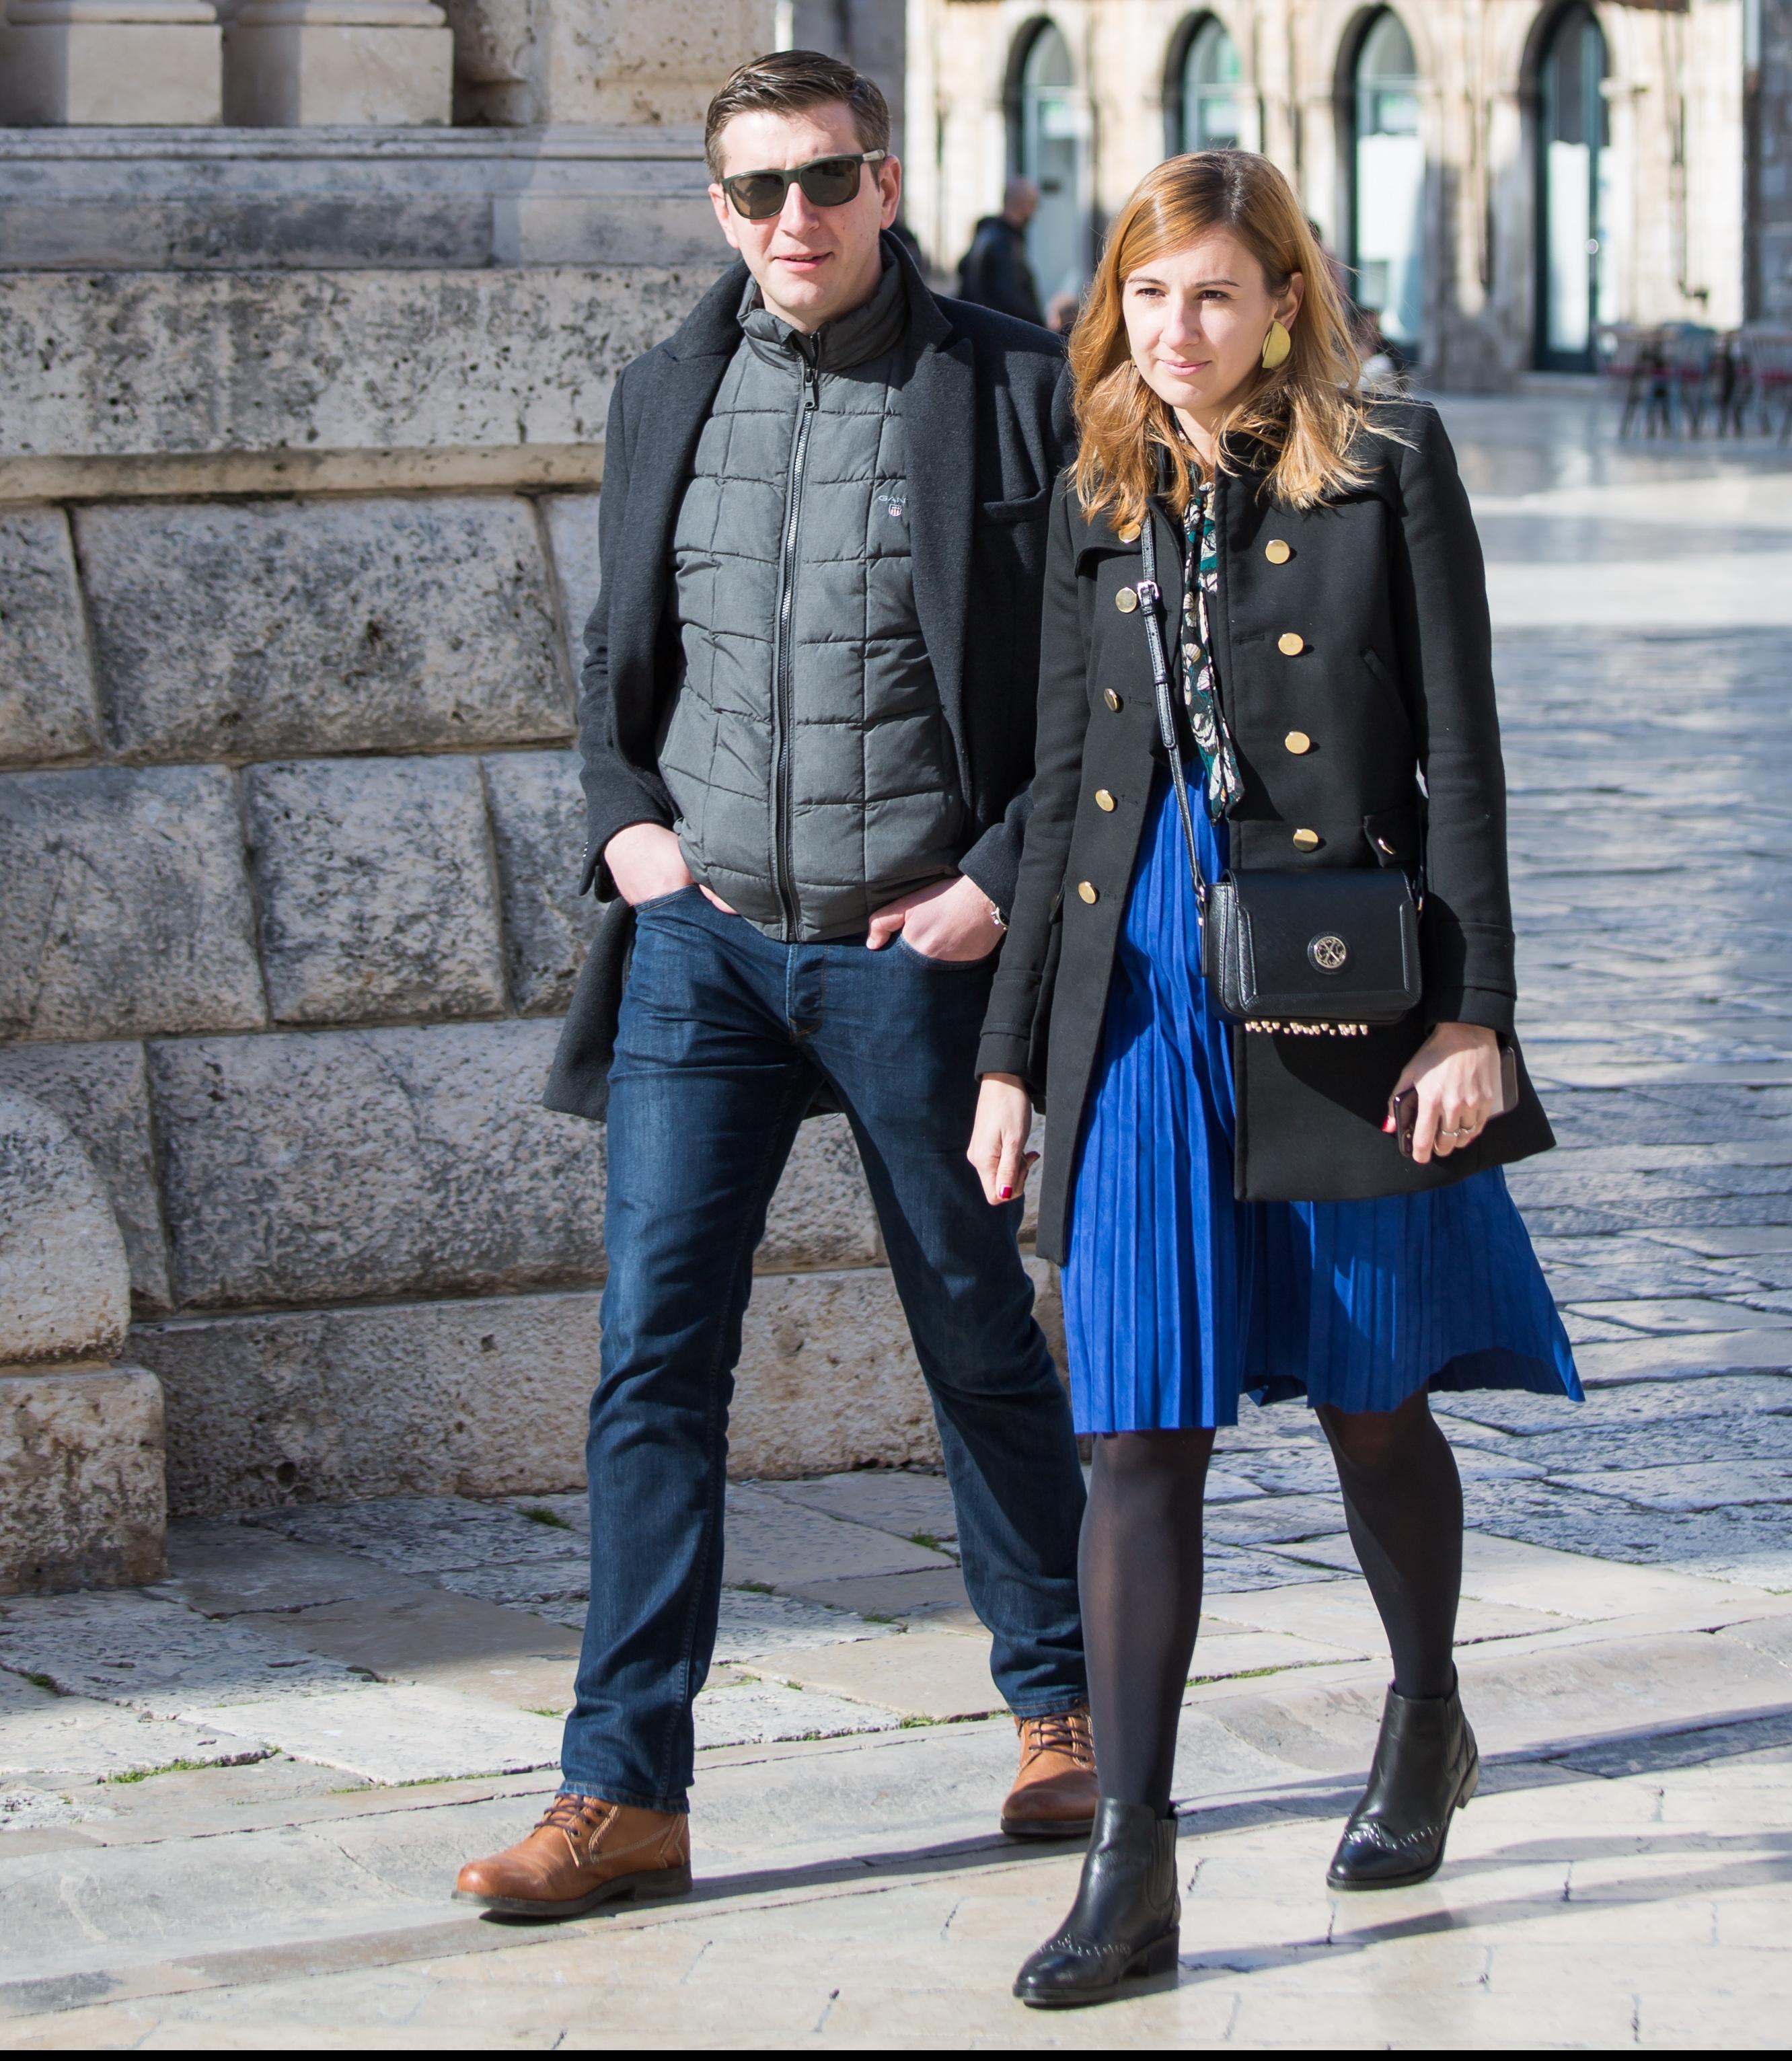 Udvoje je uvijek ljepše: Pogledajte stylish parove koji su prošetali Stradunom